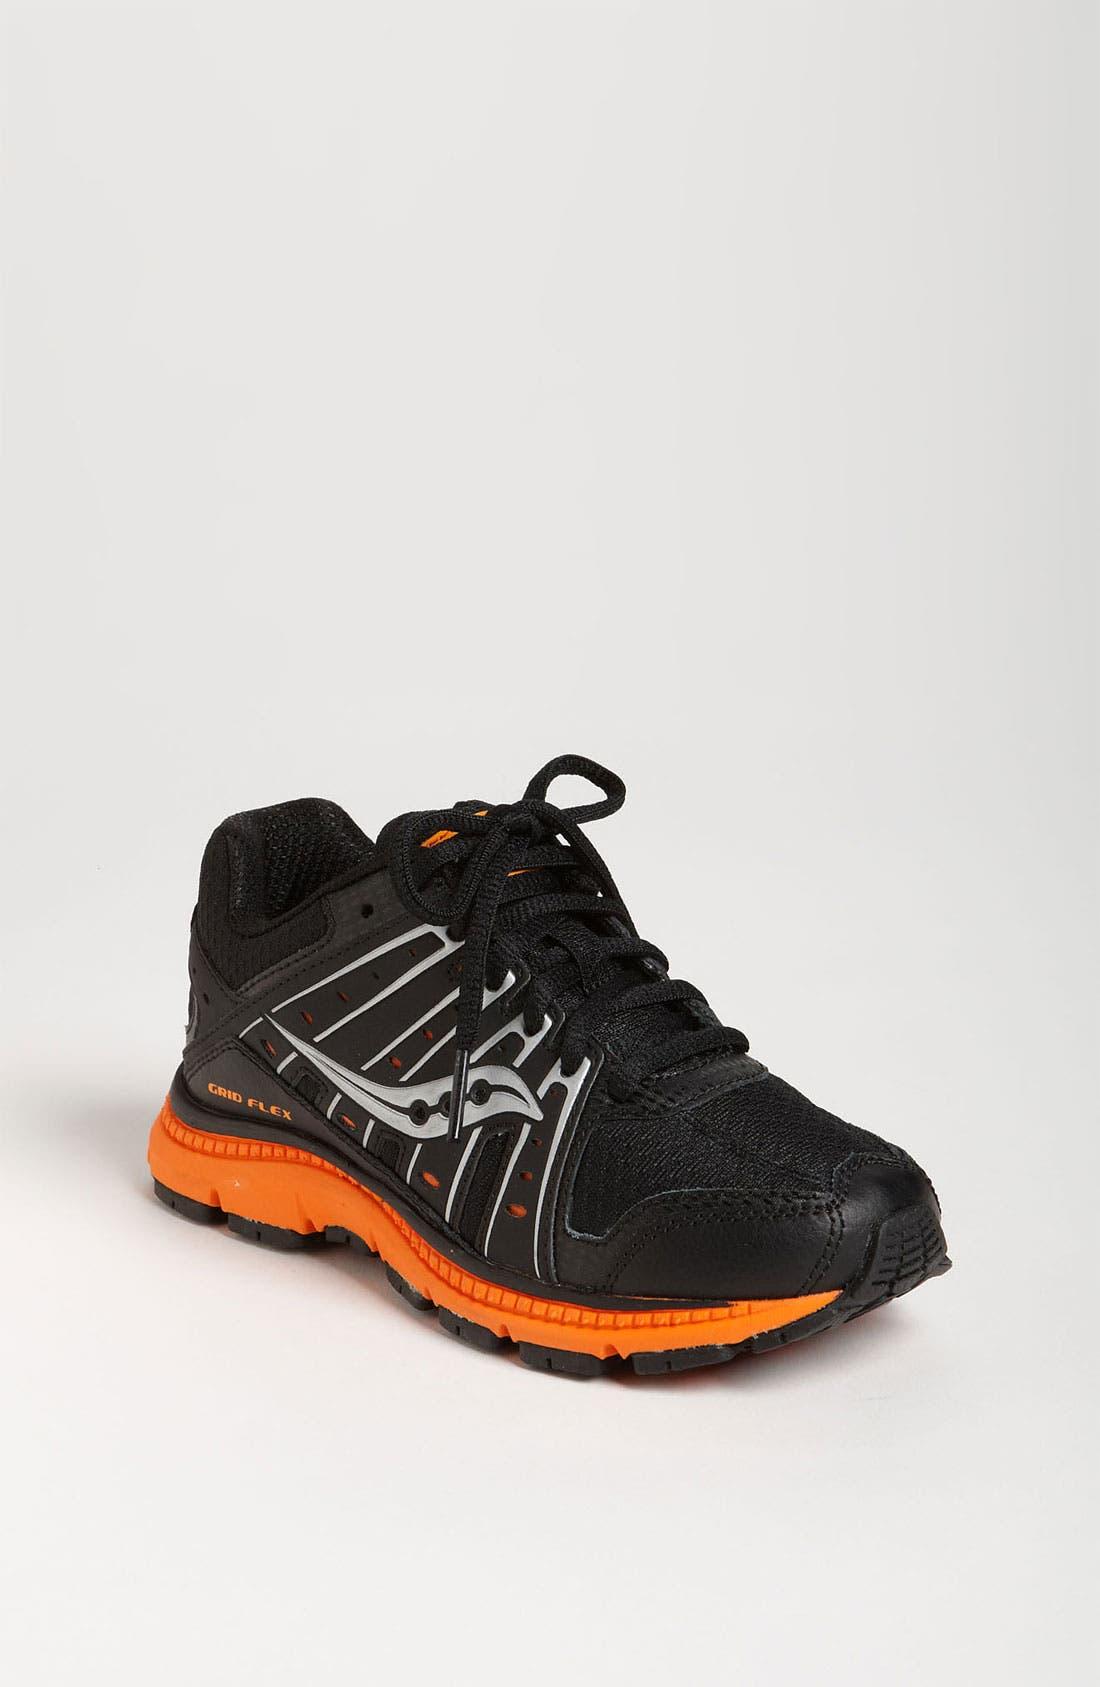 Alternate Image 1 Selected - Saucony 'Grid Flex' Running Shoe (Toddler, Little Kid & Big Kid)